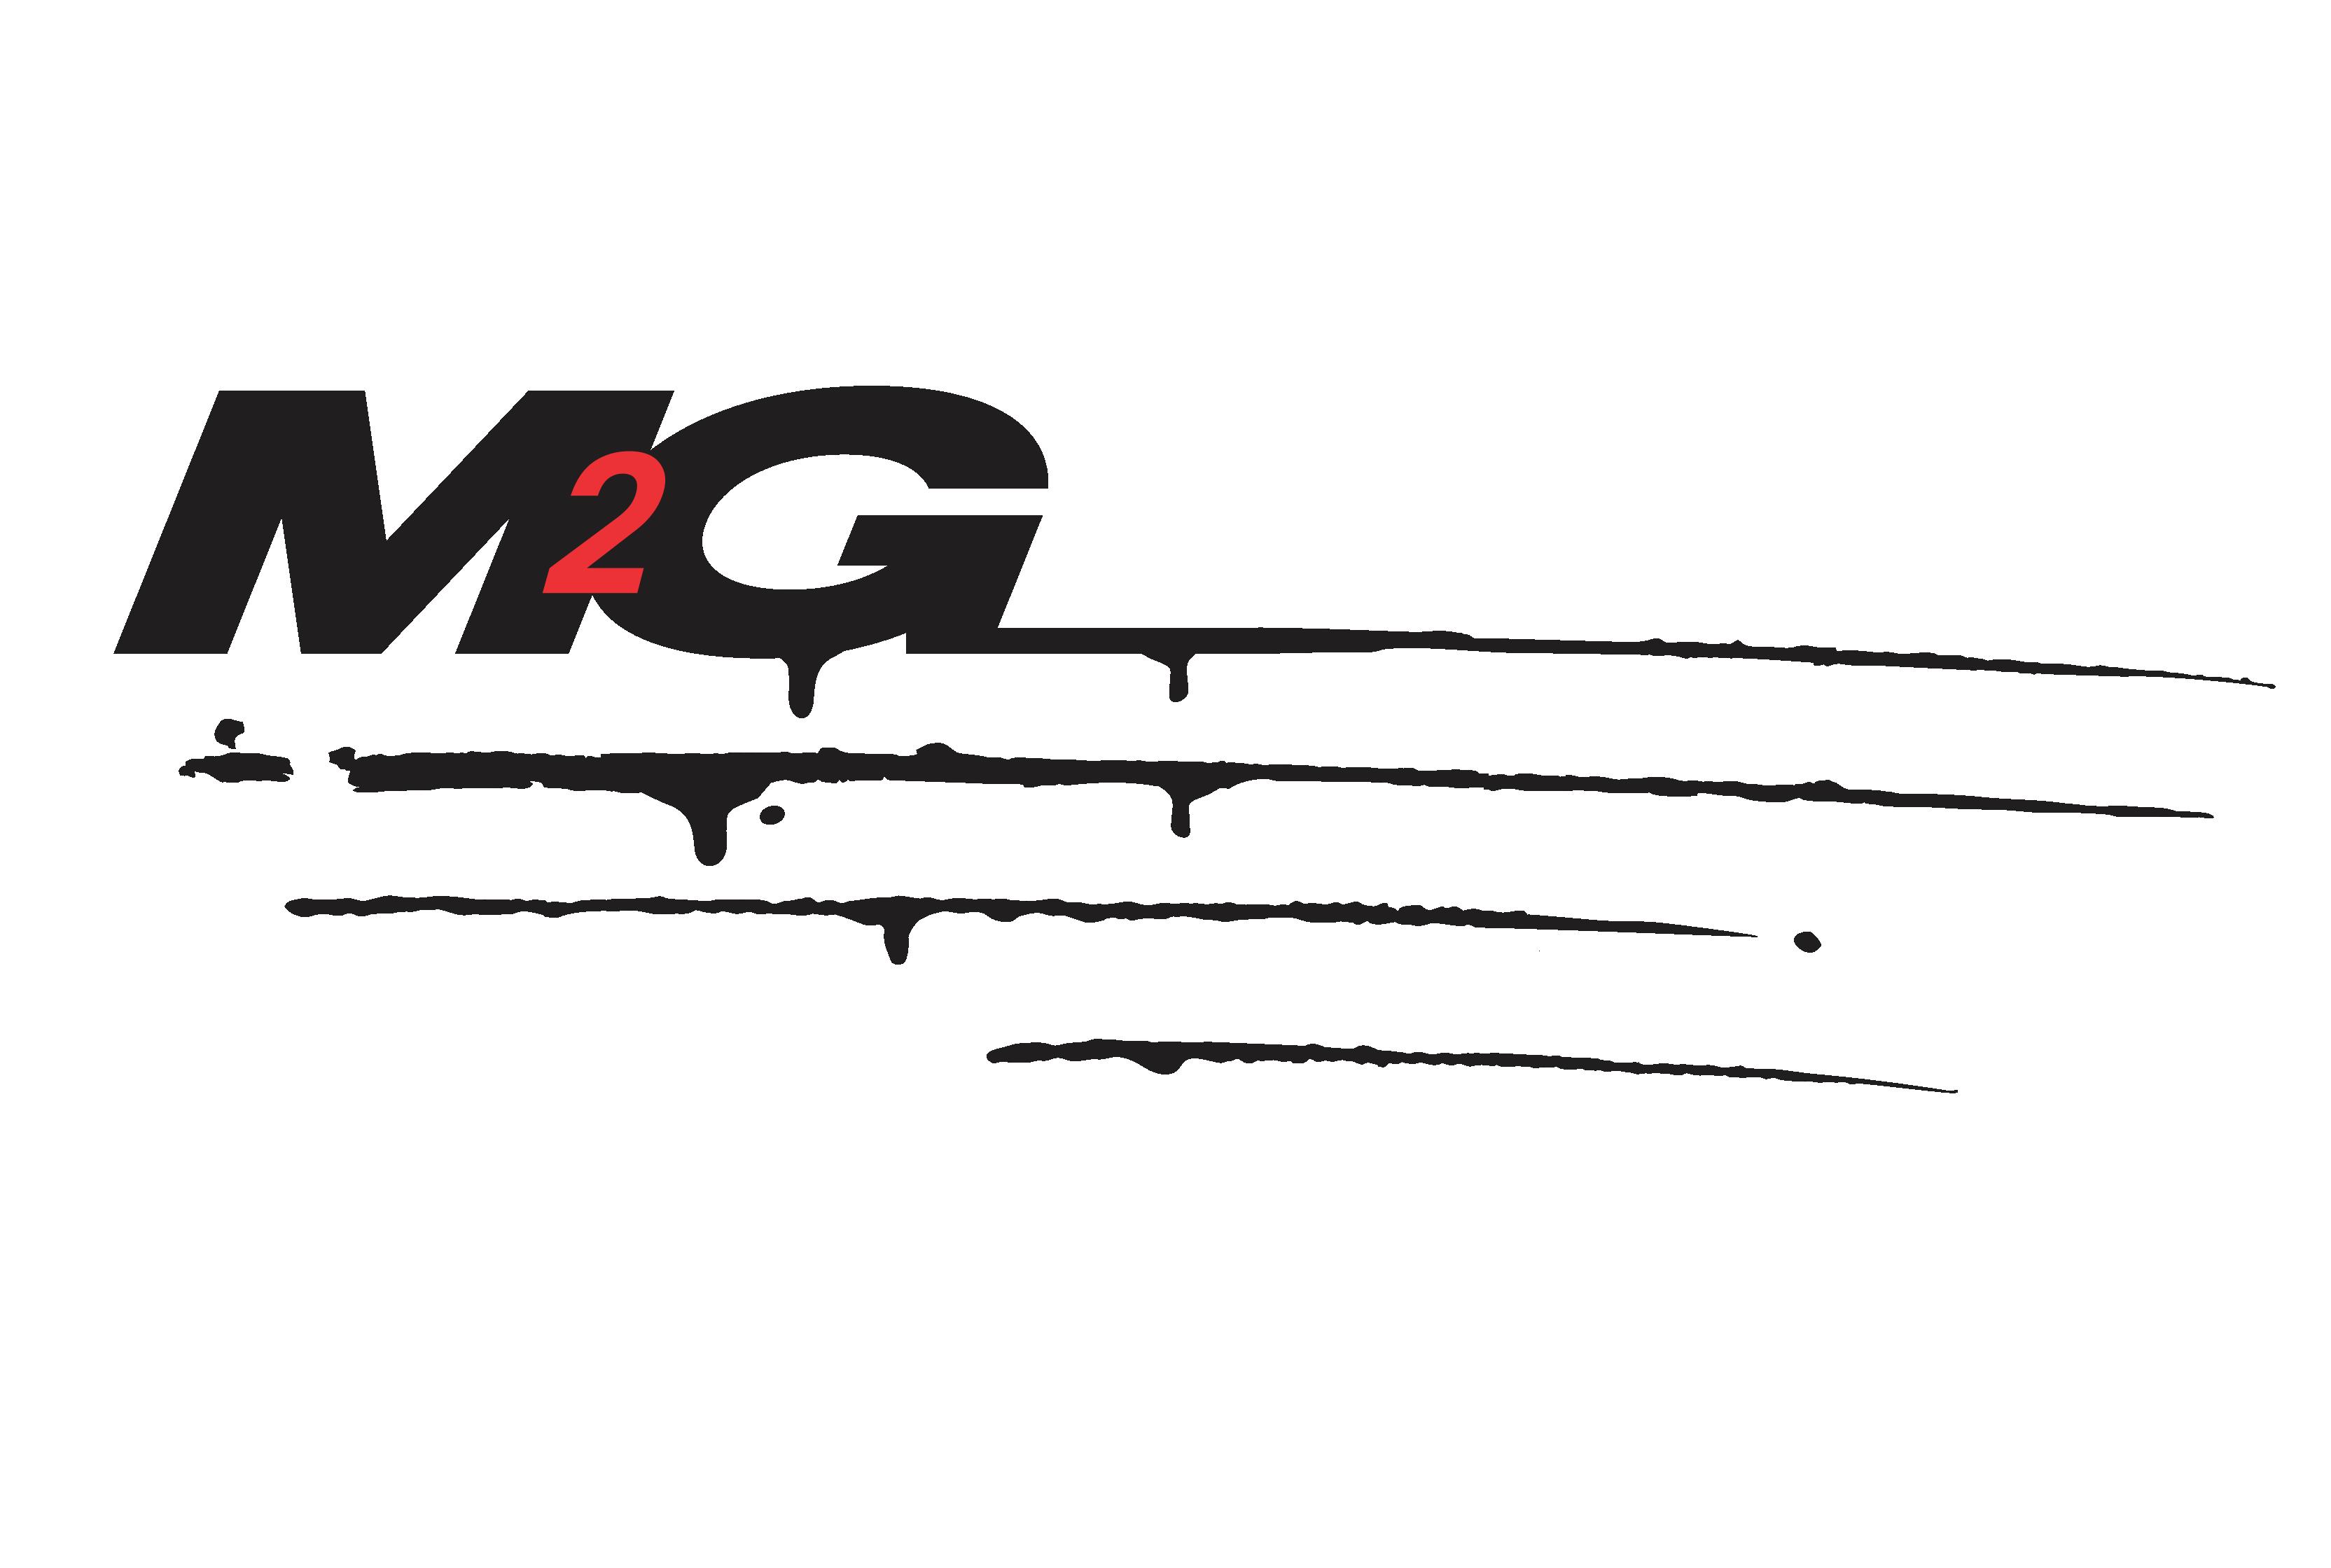 """Бесплатное разовое занятие (0 руб), абонементы в тренажёрный зал от 55,30 руб. в спортивном клубе """"M2G"""""""